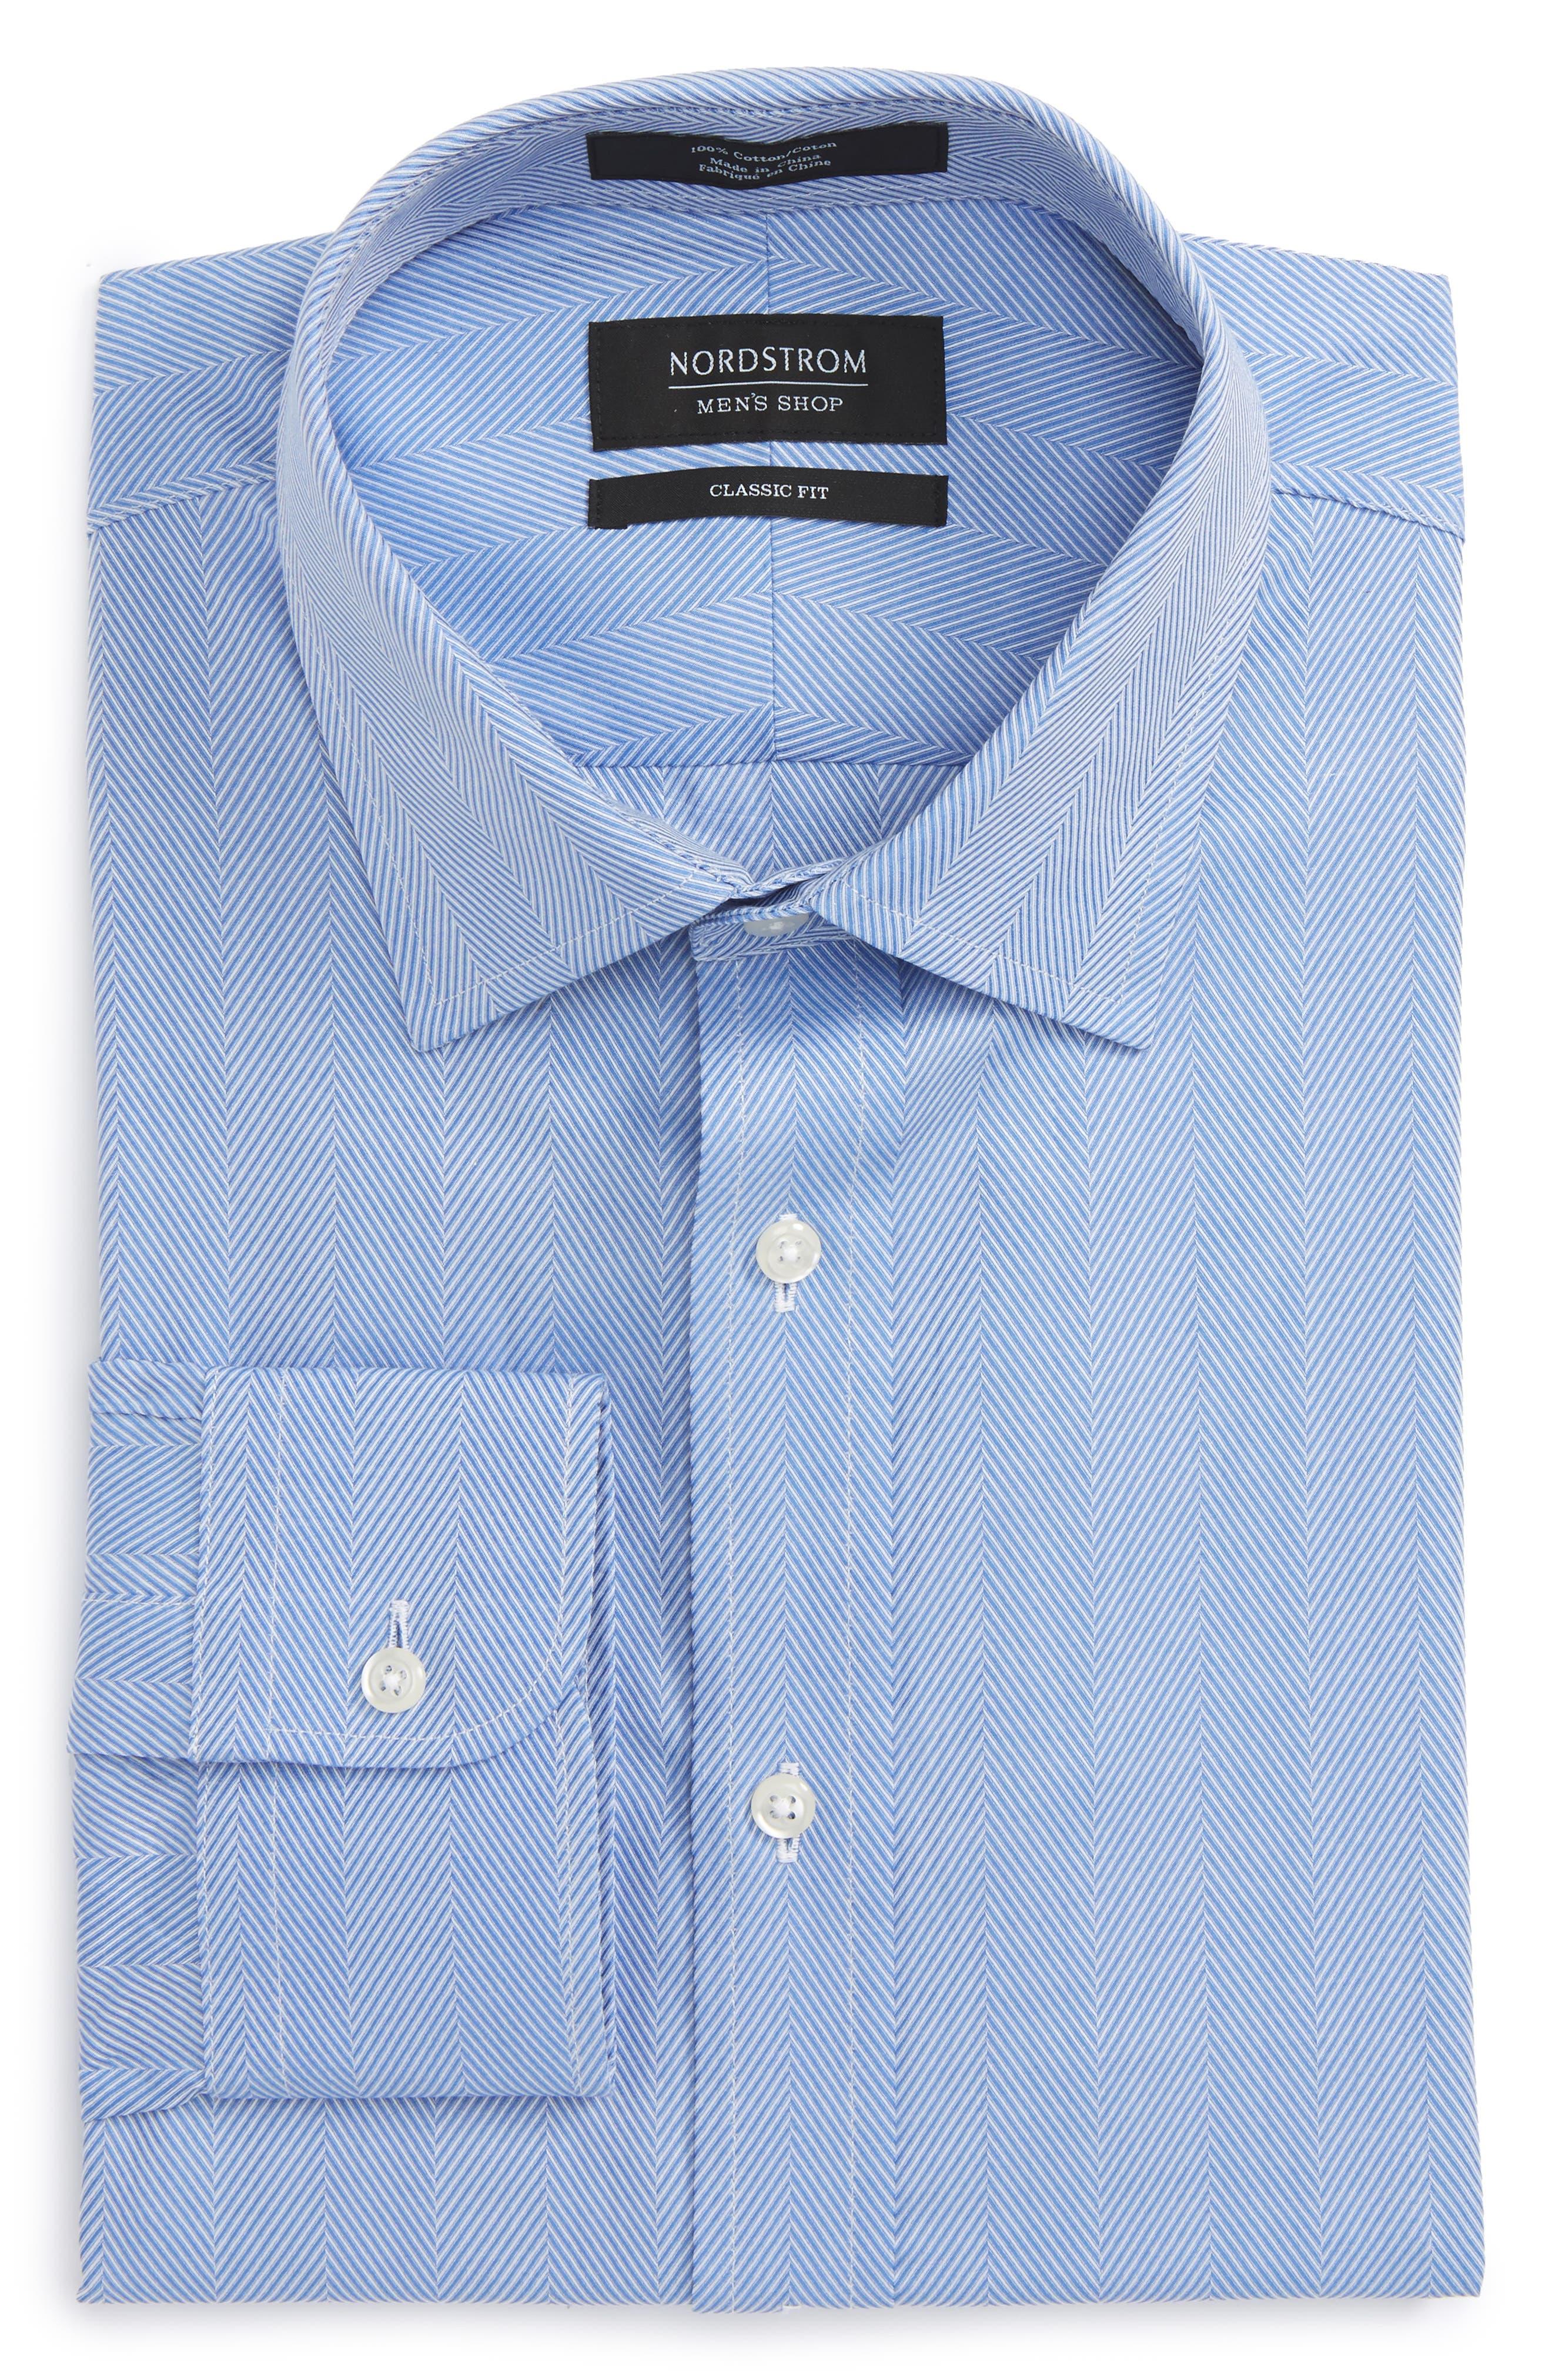 Alternate Image 1 Selected - Nordstrom Men's Shop Classic Fit Herringbone Dress Shirt